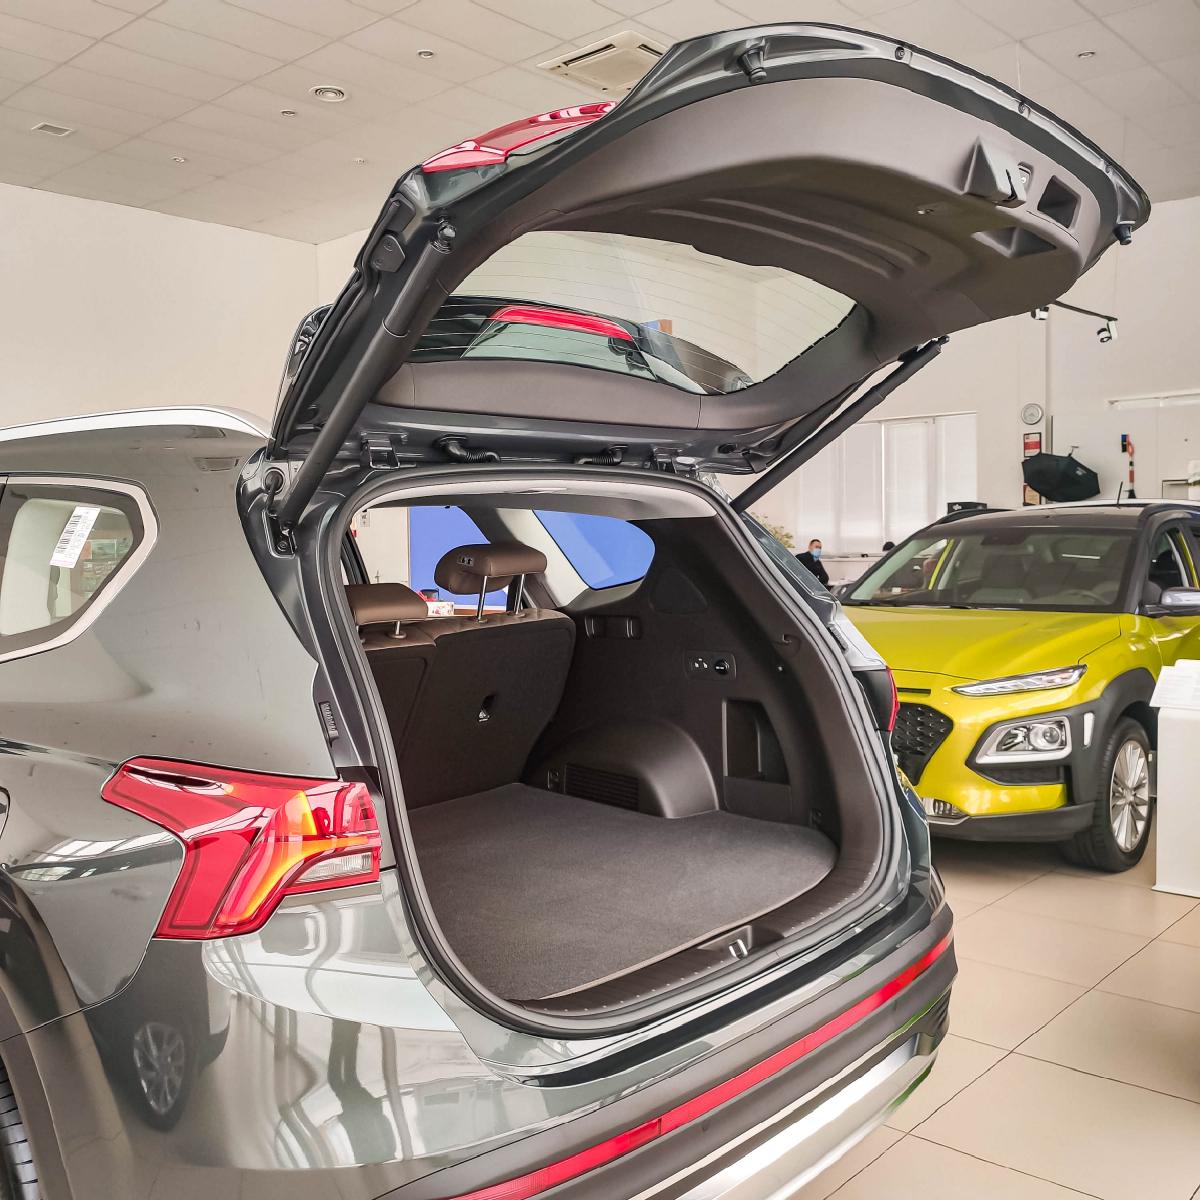 Якби комфорт і розкіш можна було б описати - це був би Hyundai Santa Fe! | Хюндай Мотор Україна - фото 11